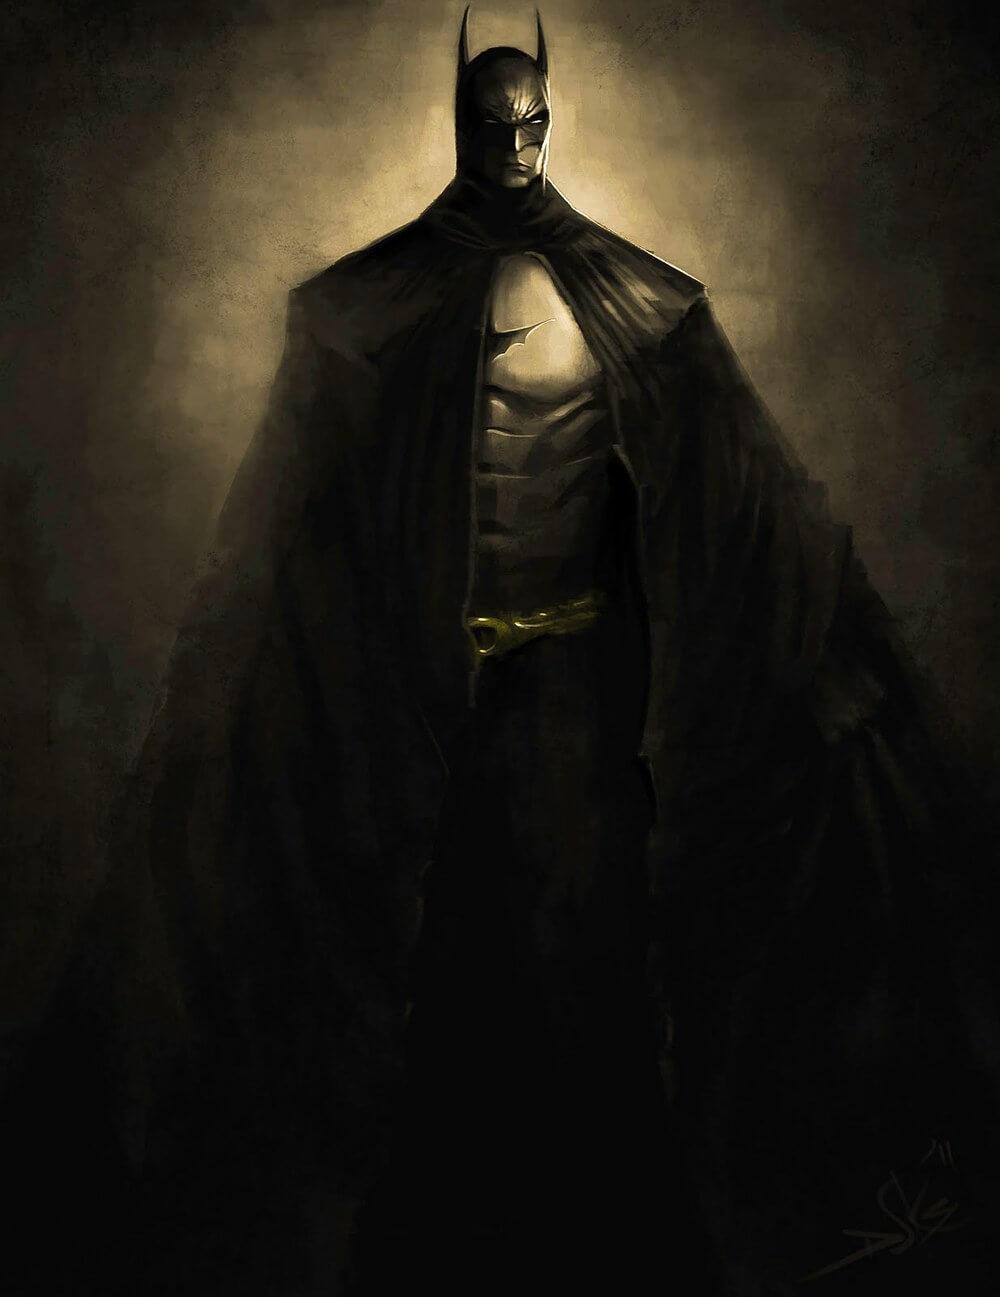 Красивые картинки бэтмен в хорошем качестве 18